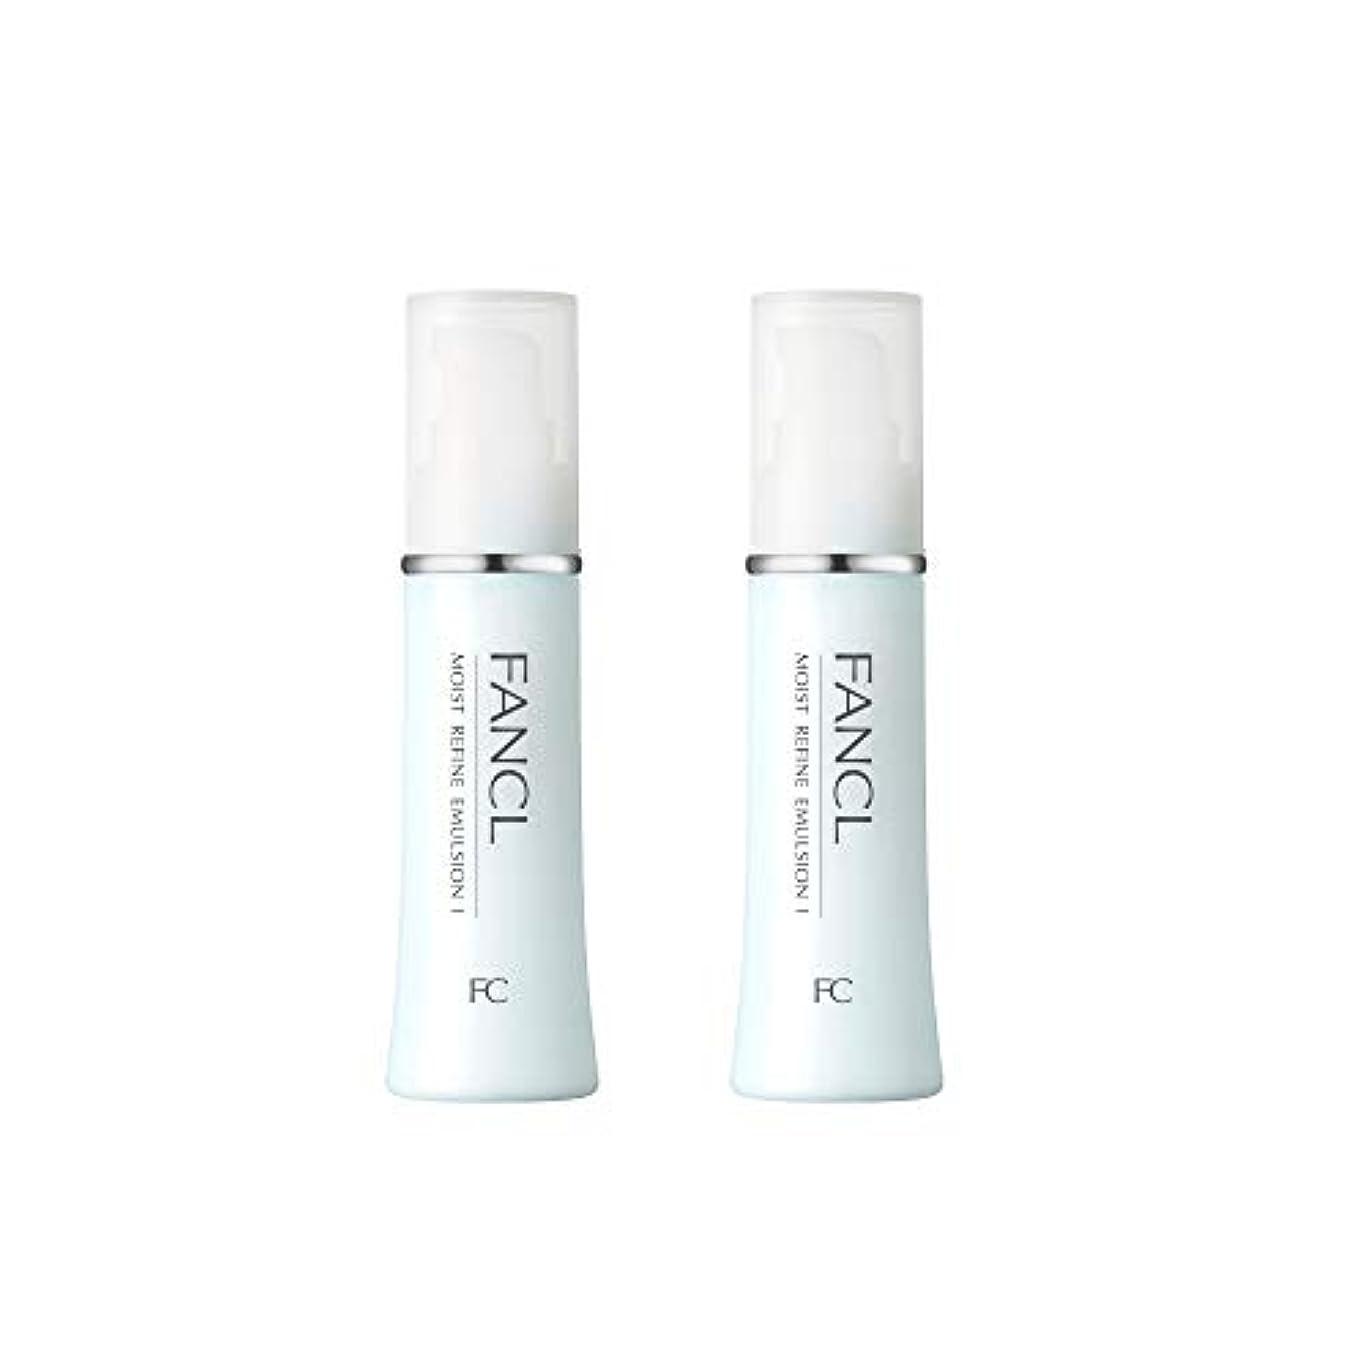 消費不名誉延ばすファンケル (FANCL) モイストリファイン 乳液I さっぱり 2本セット 30mL×2 (約60日分)